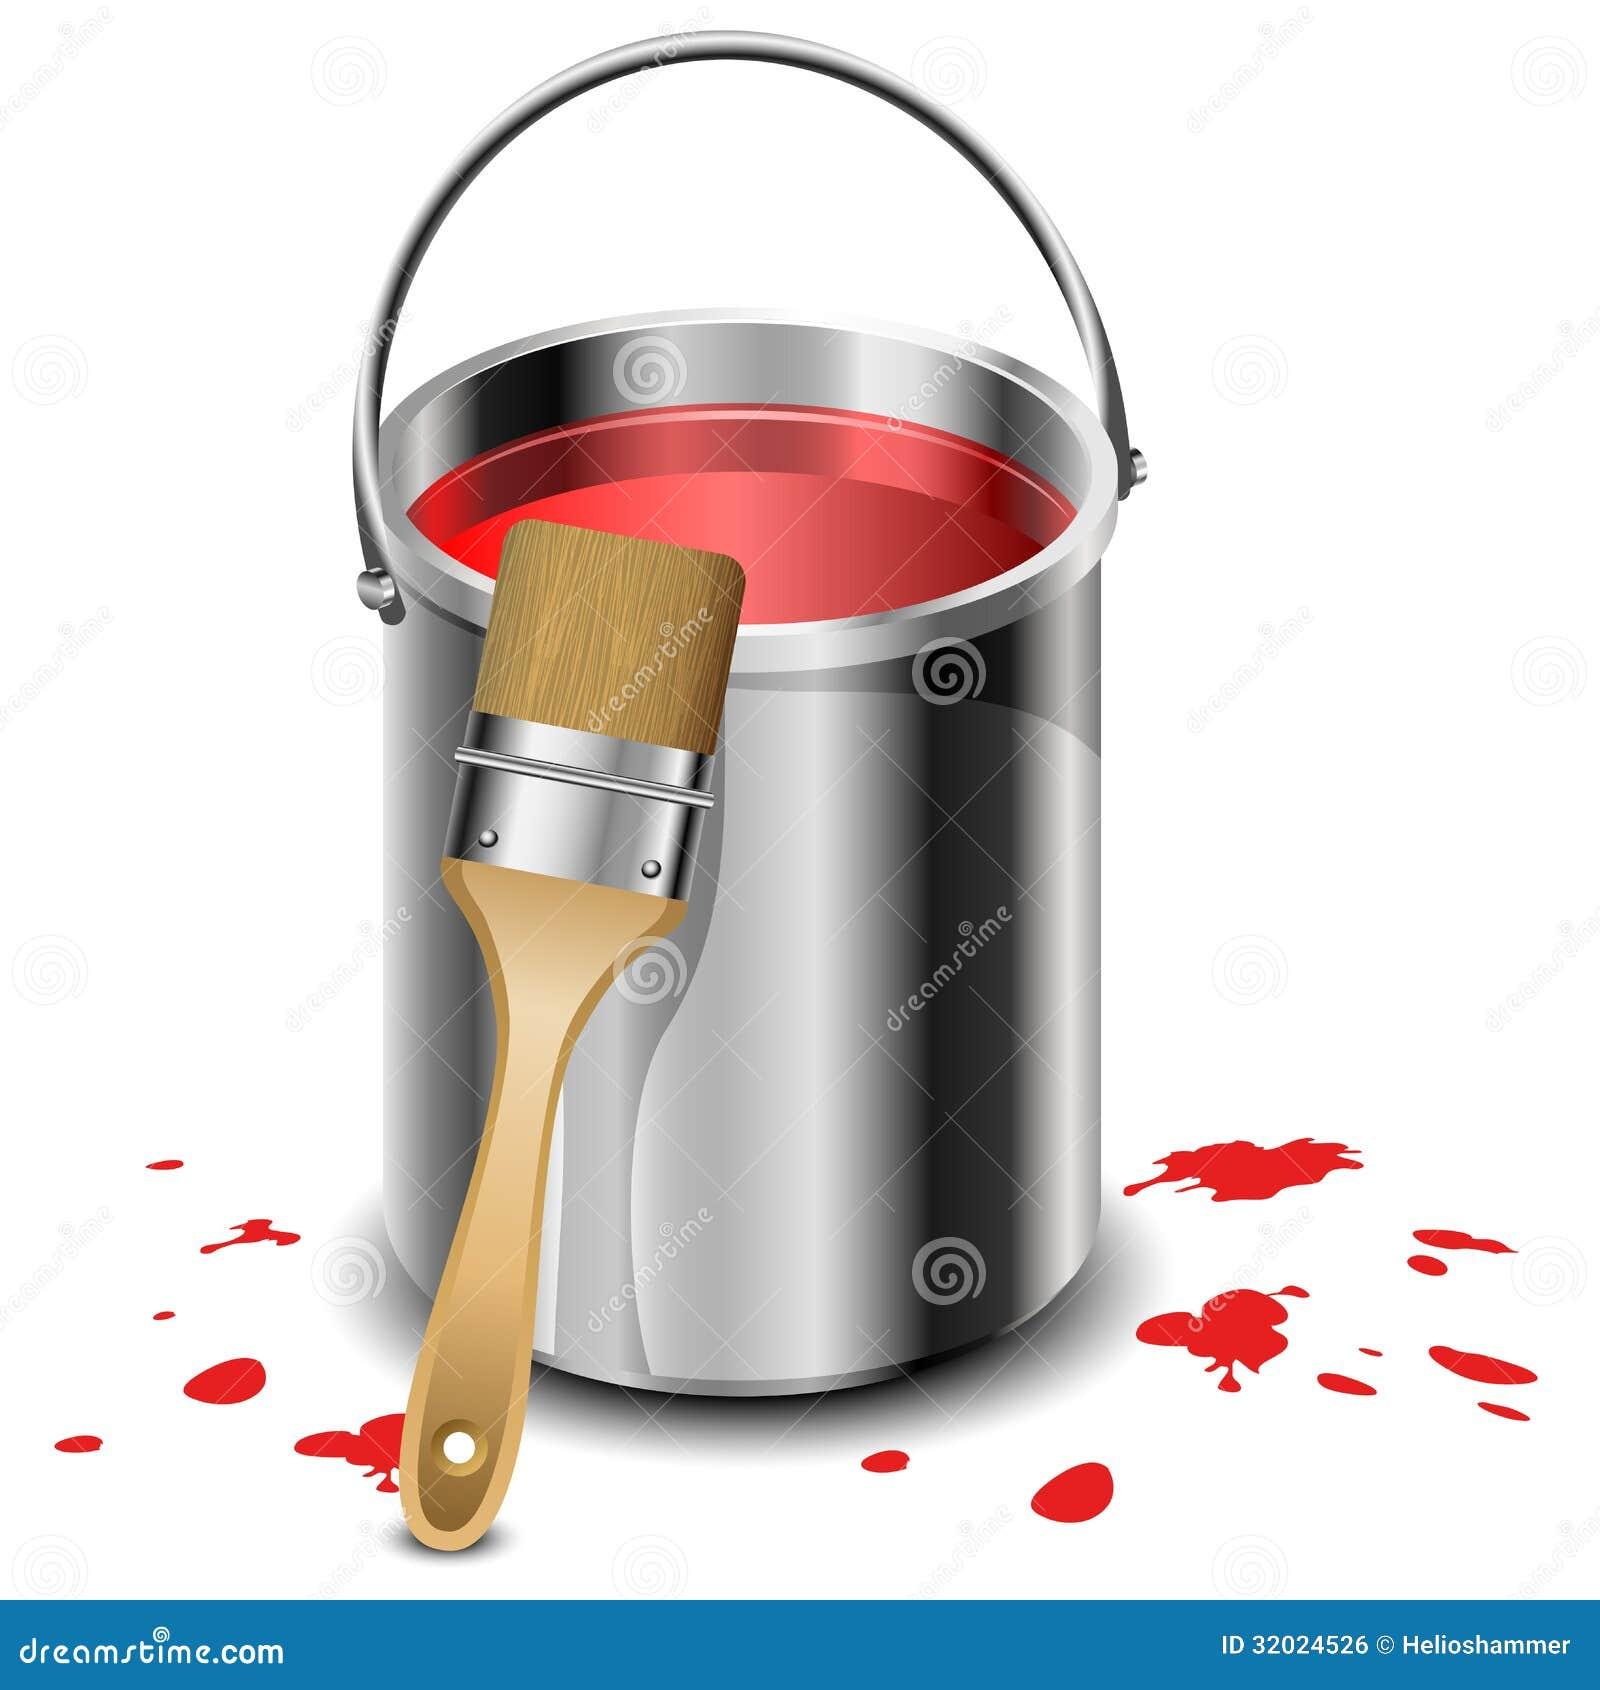 paint bucket and brush - photo #37